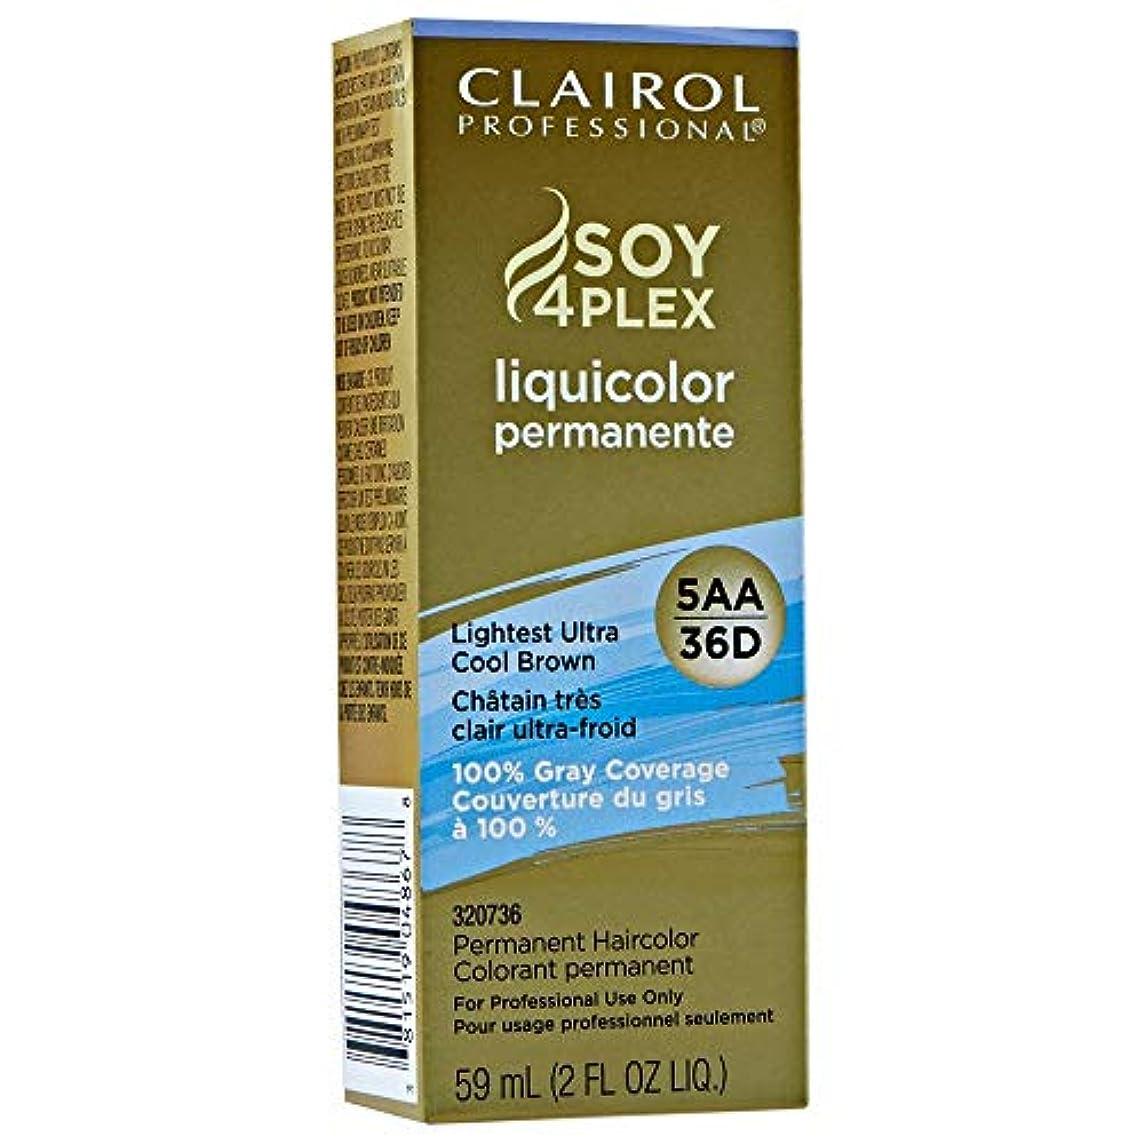 Clairol Professional Soy 4 Plex Liquicolor Permanent 36D Lightest Ultra Cool Brown 59 ml (並行輸入品)